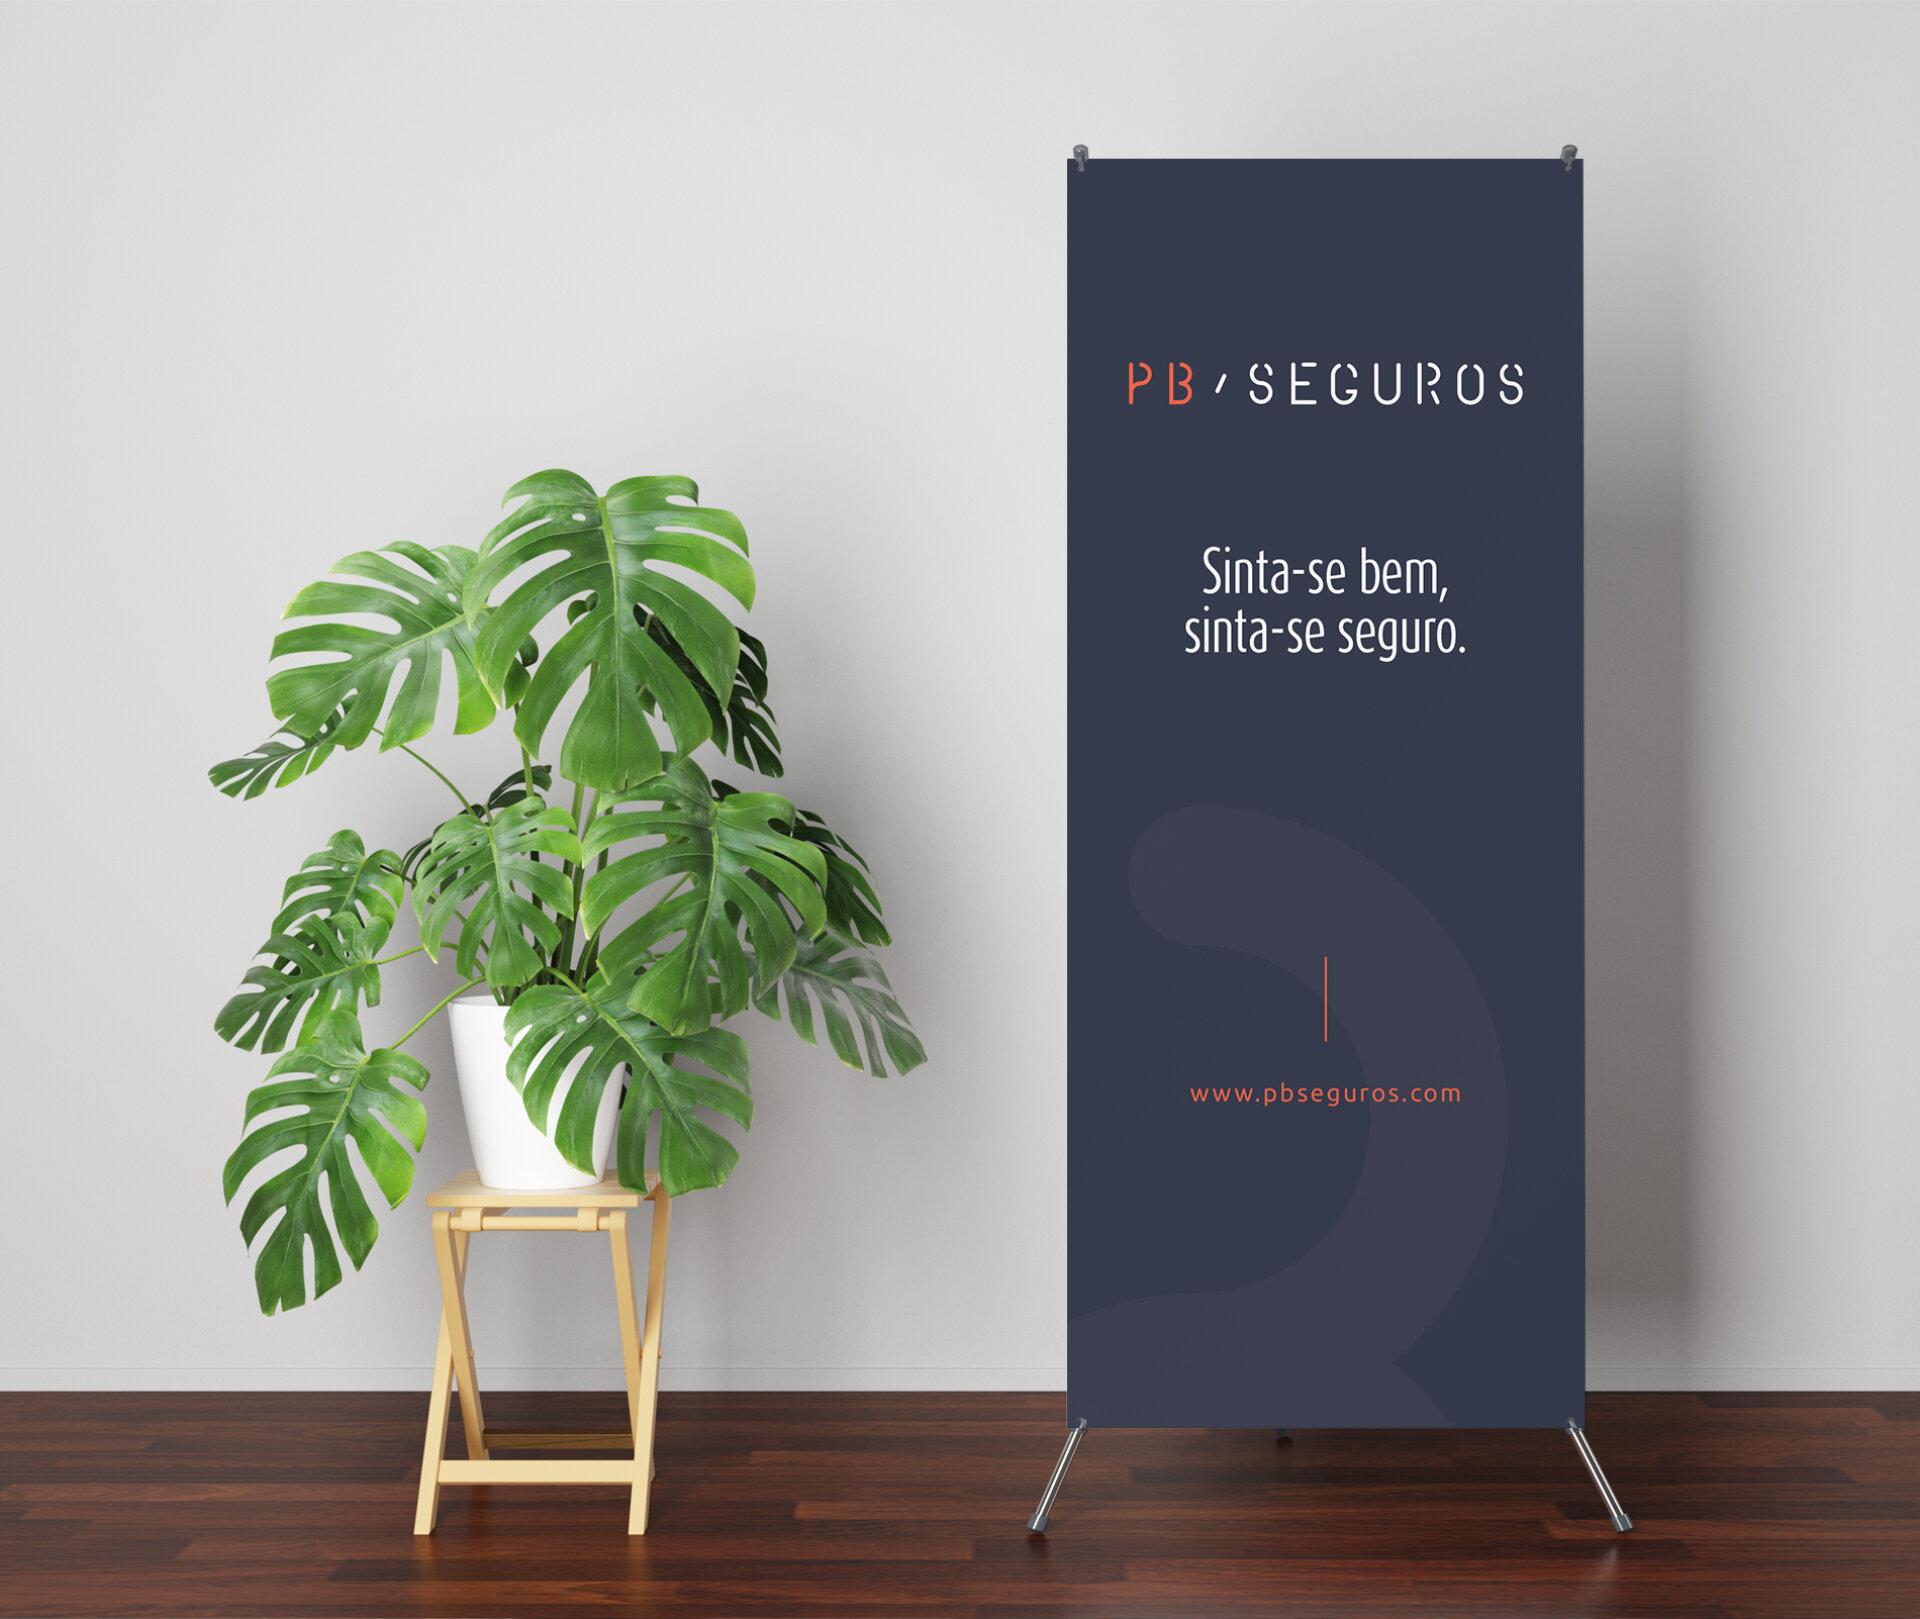 pb-seguros-roll-up-incentea-marketing-inovacao